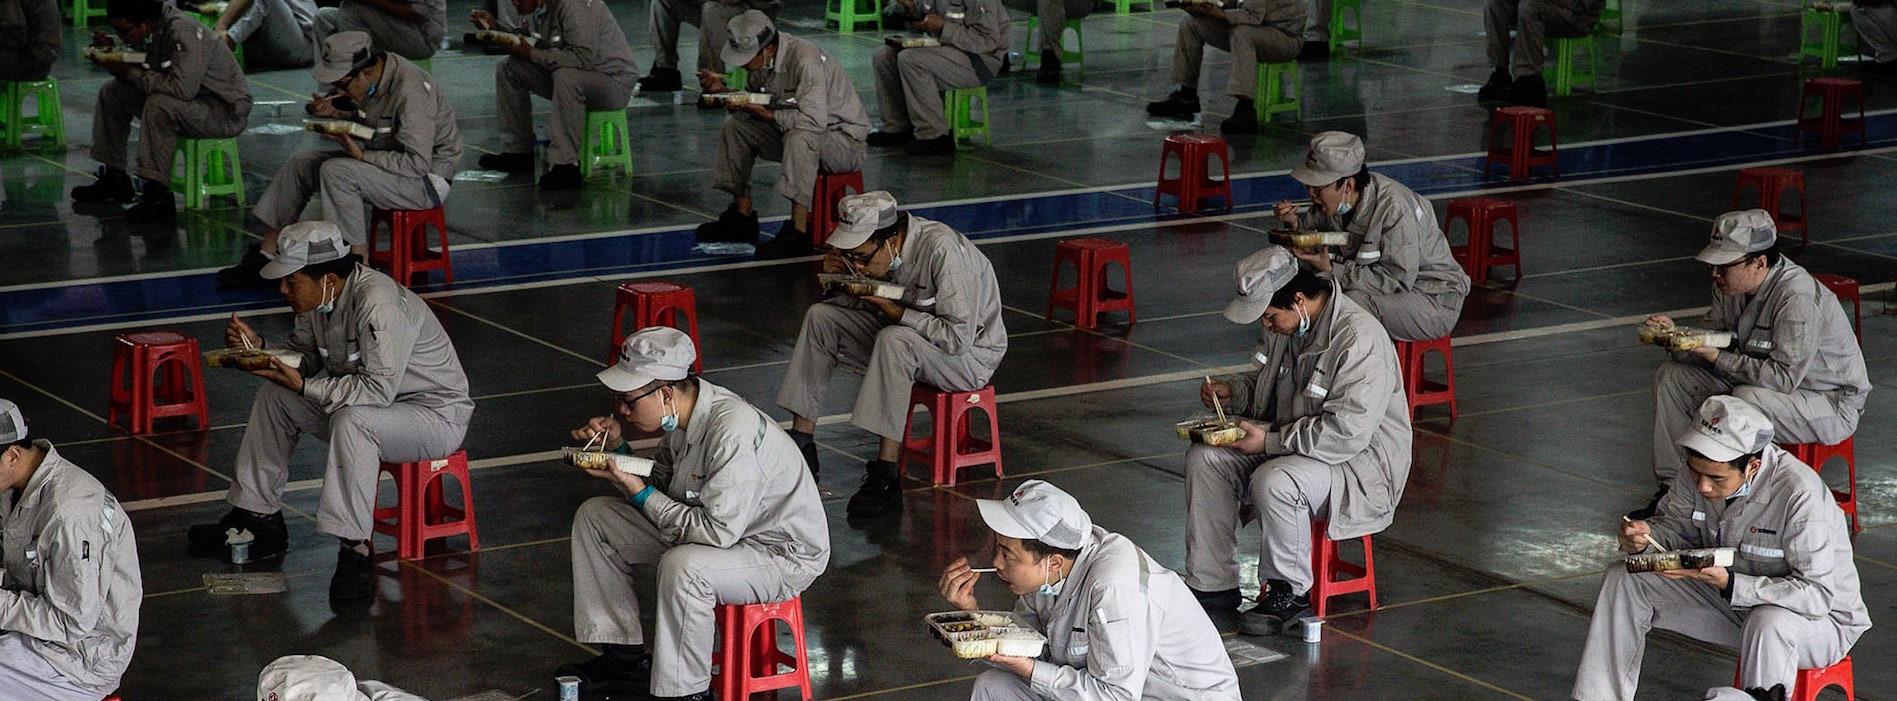 Coronavirus chinois: les leçons tirées de l'épidémie de Sars